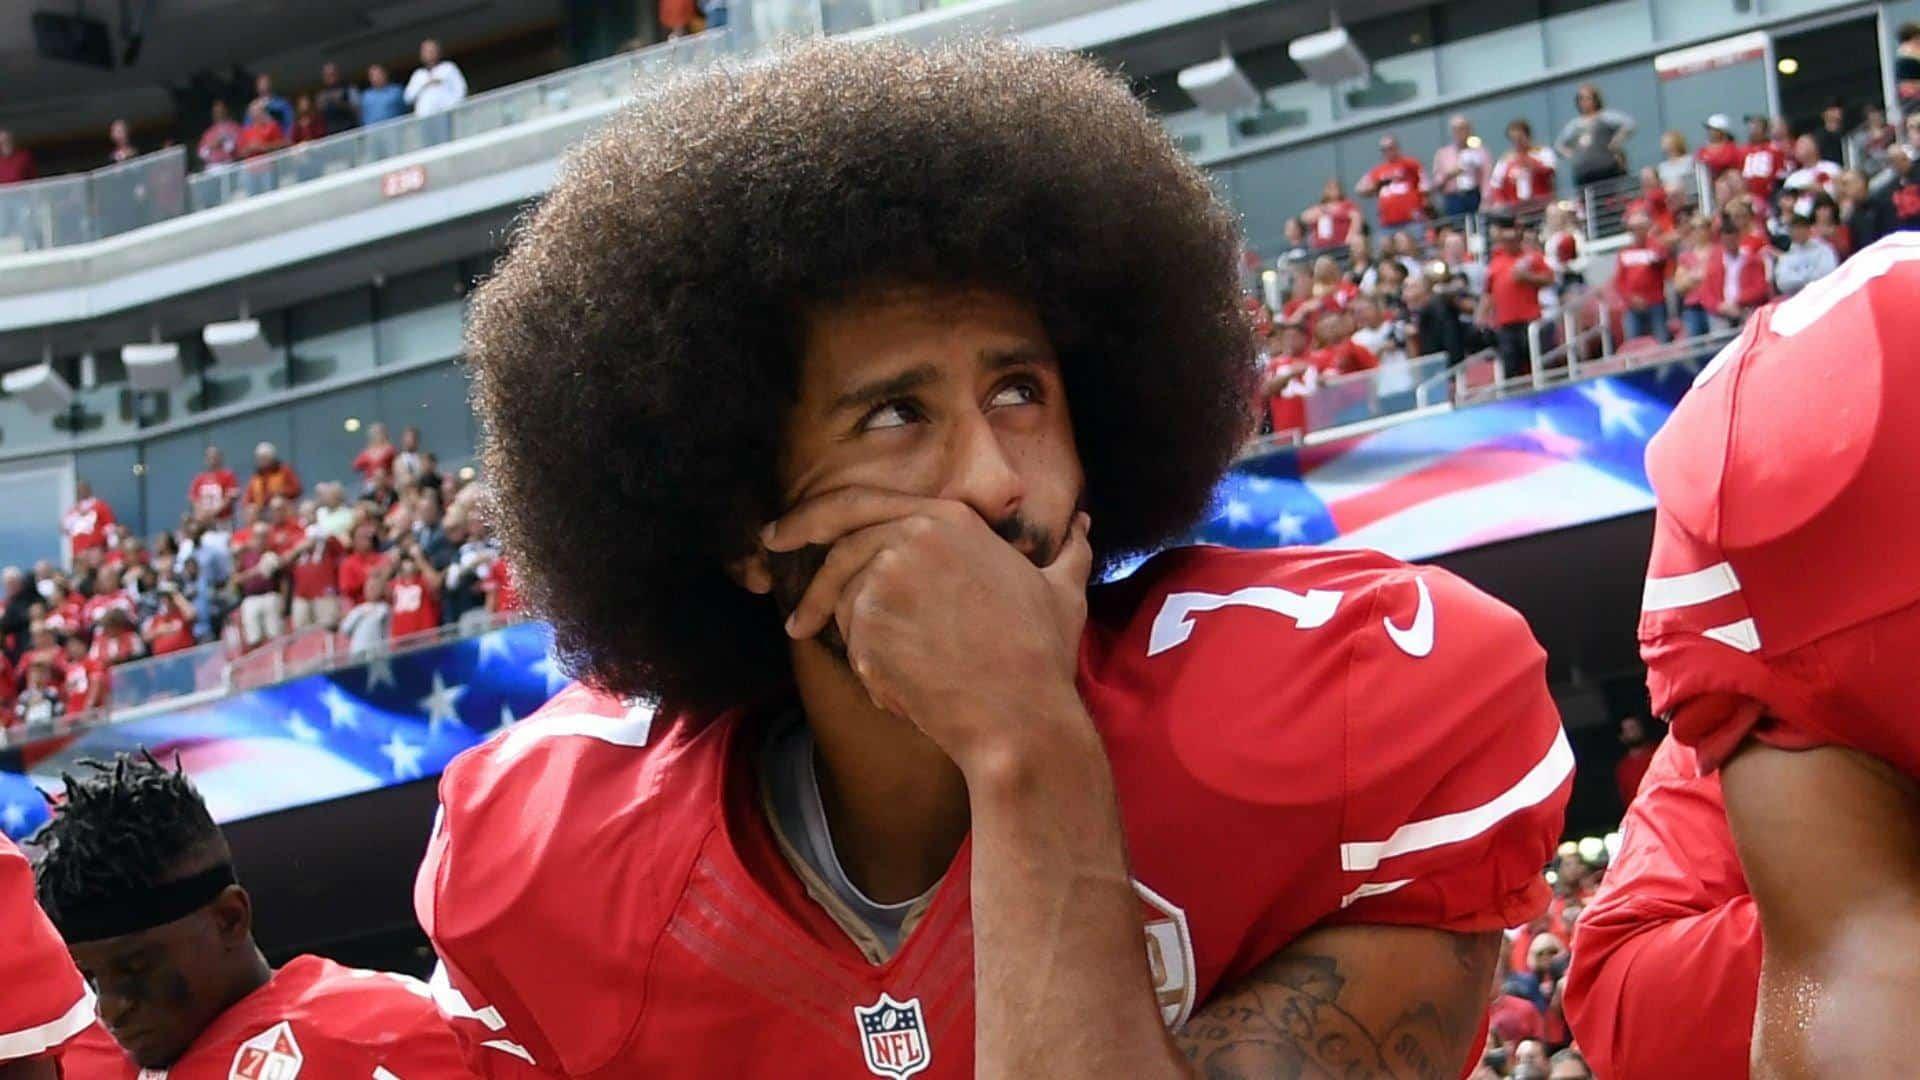 Cronología de arrodillamiento de Colin Kaepernick: Cómo las protestas durante el himno nacional comenzaron un movimiento en la NFL